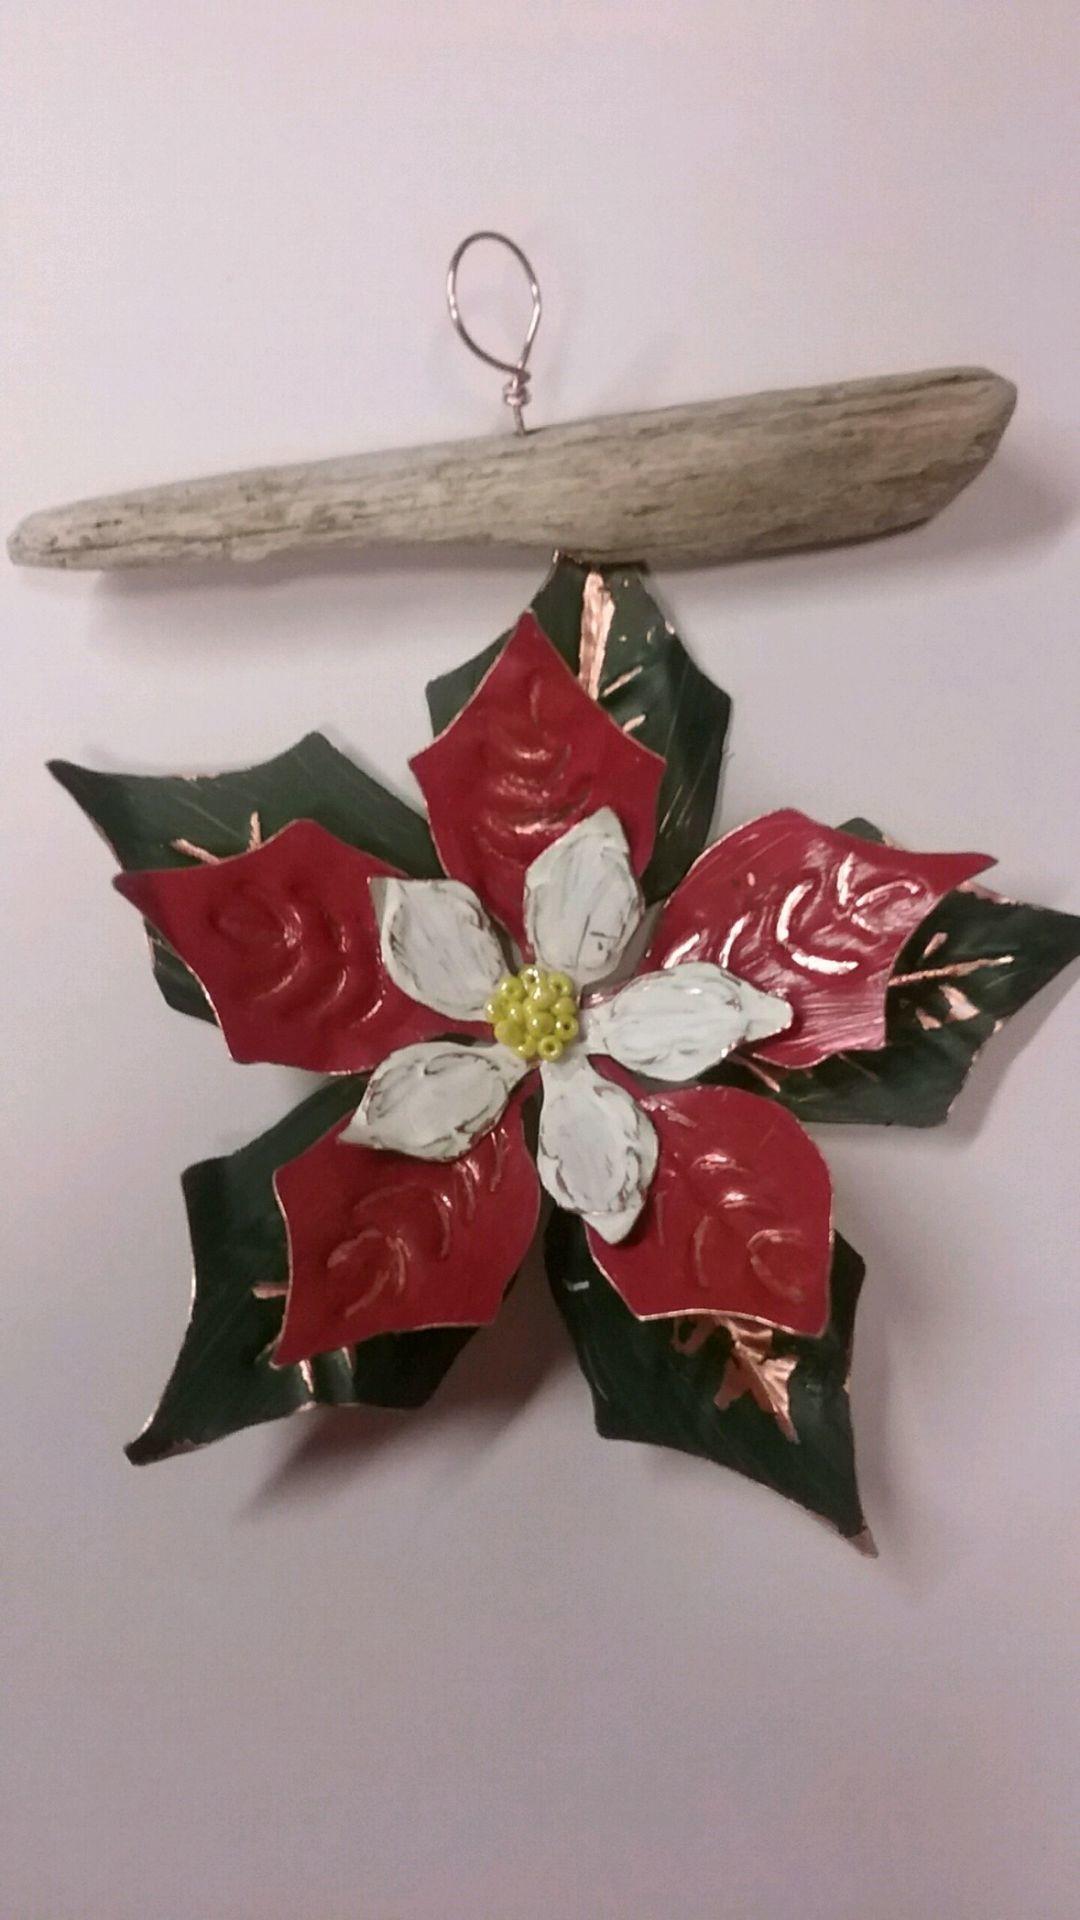 Copper Poinsettia ornament